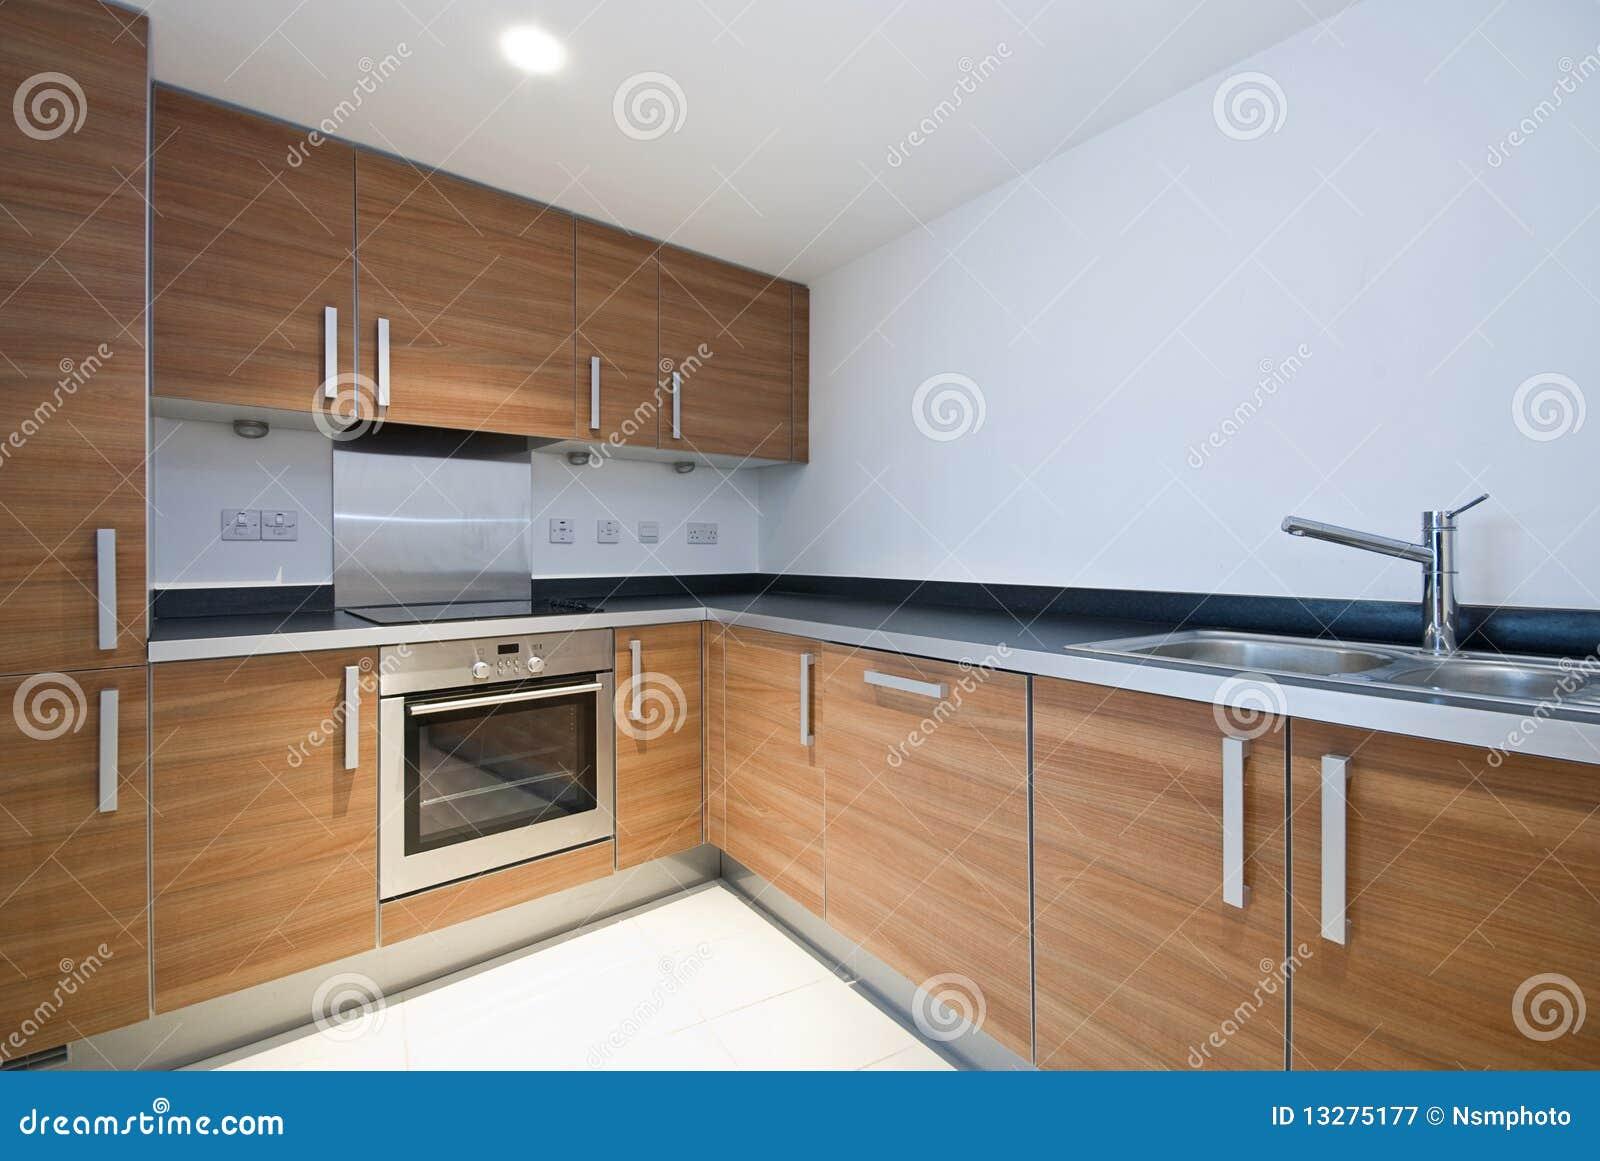 Cozinha De Madeira Moderna Espa Oso Com Dispositivos Imagem De Stock